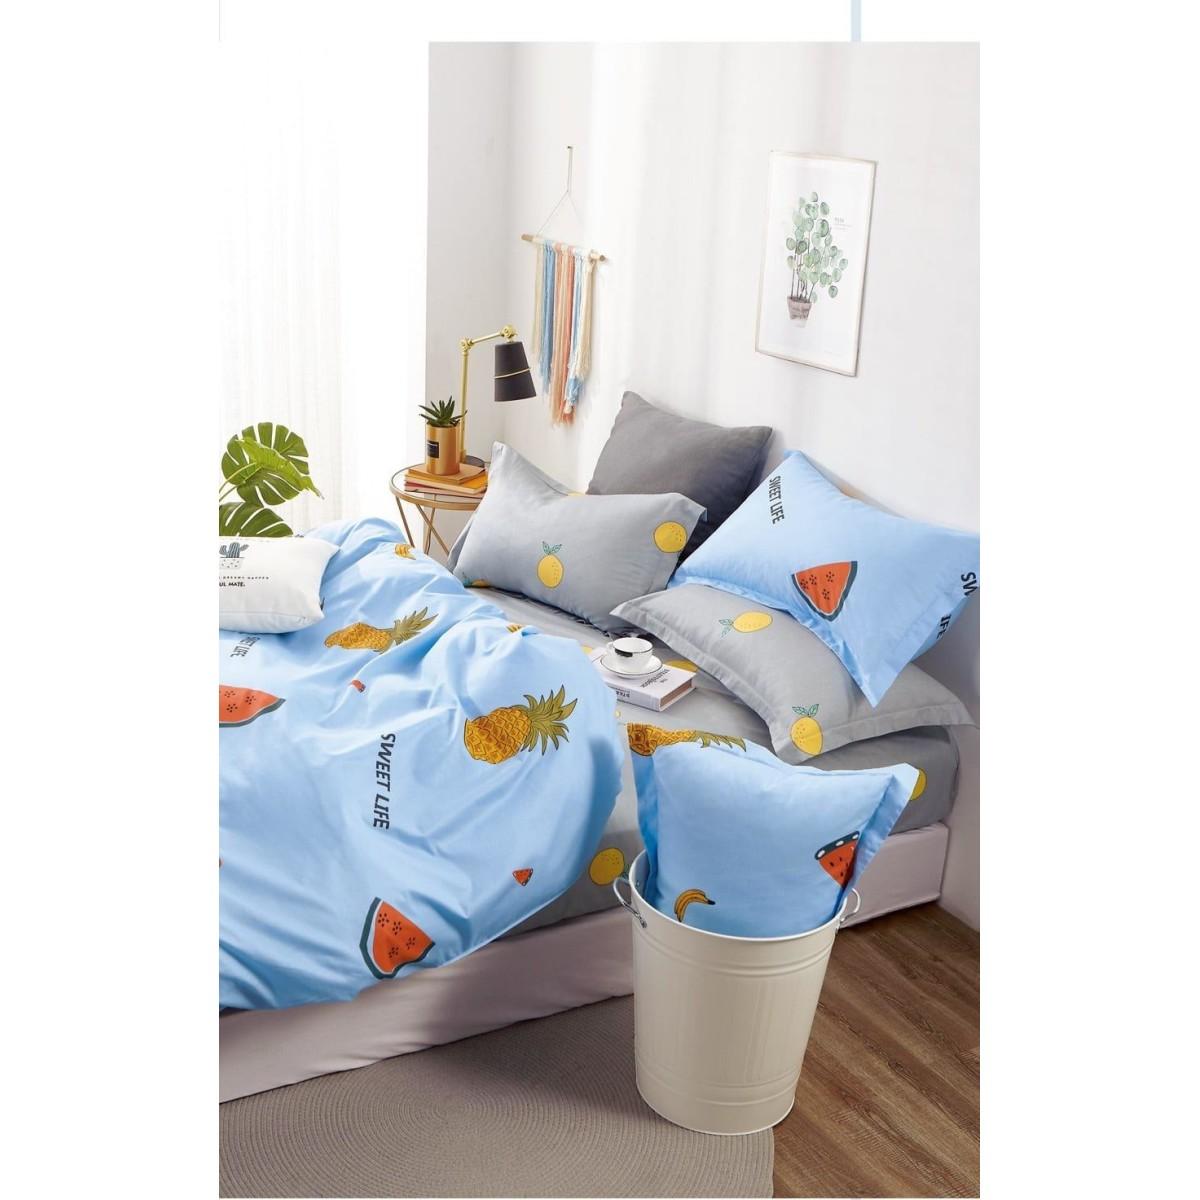 Комплект постельного белья 15-спальный Jardin 3420/818